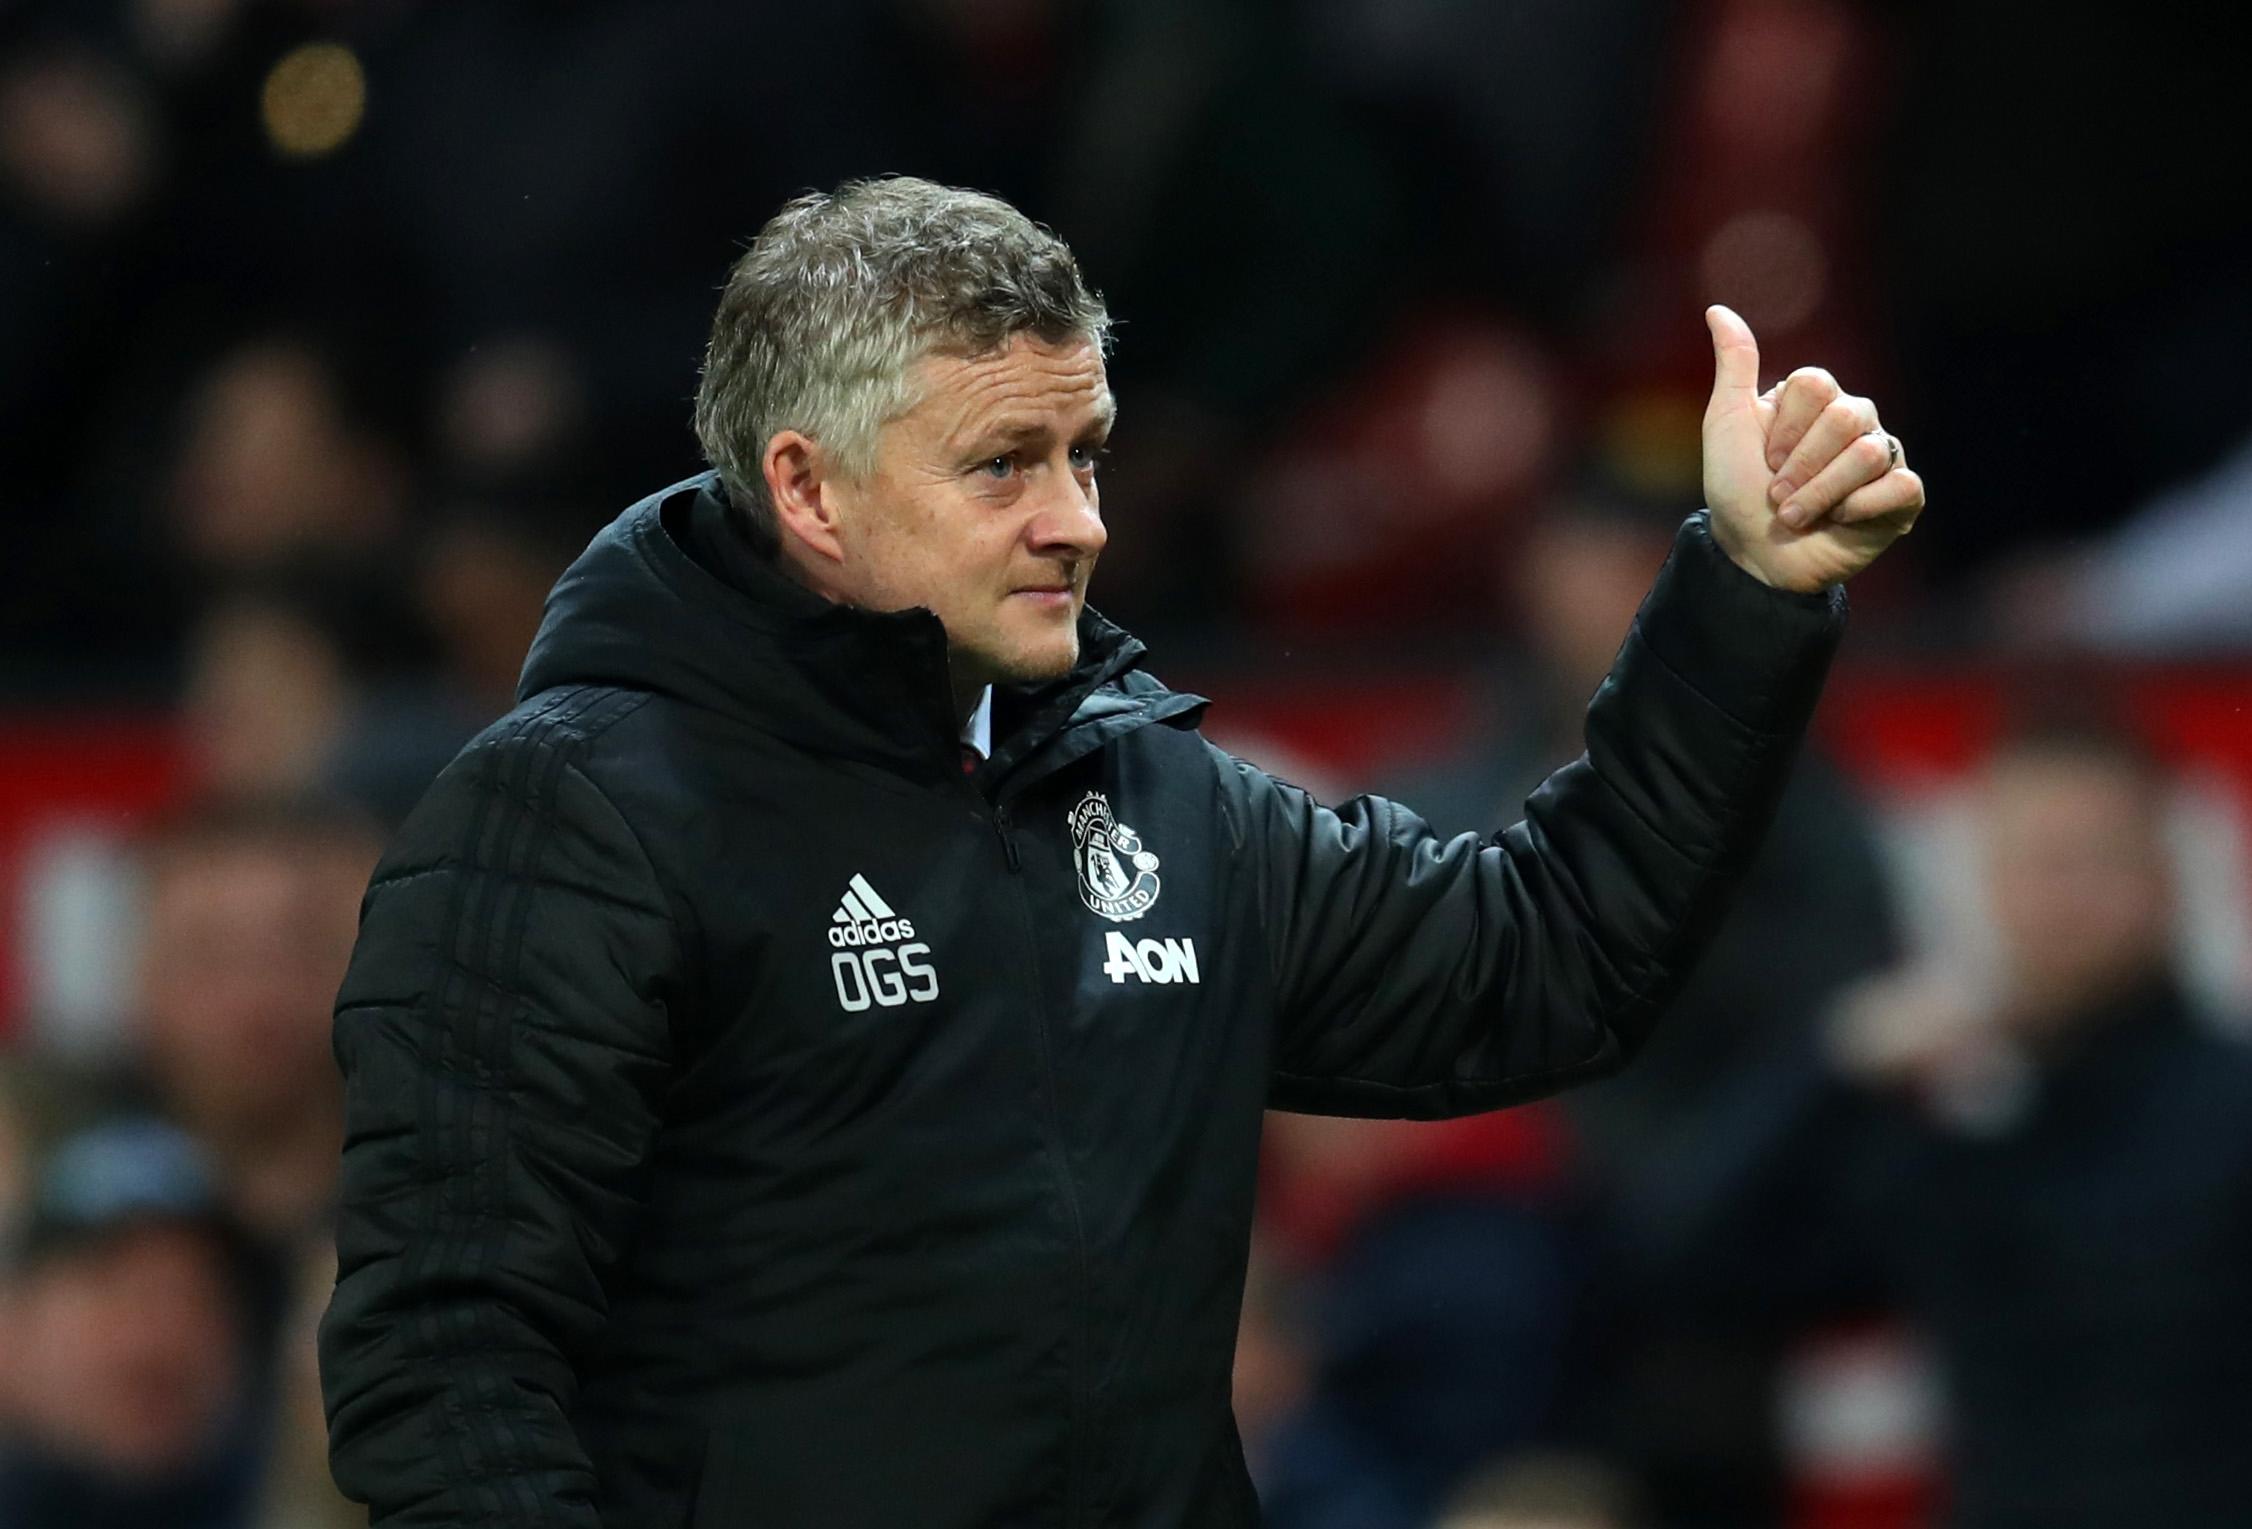 Критикуваният от голяма част от феновете на Манчестър Юнайтед мениджър